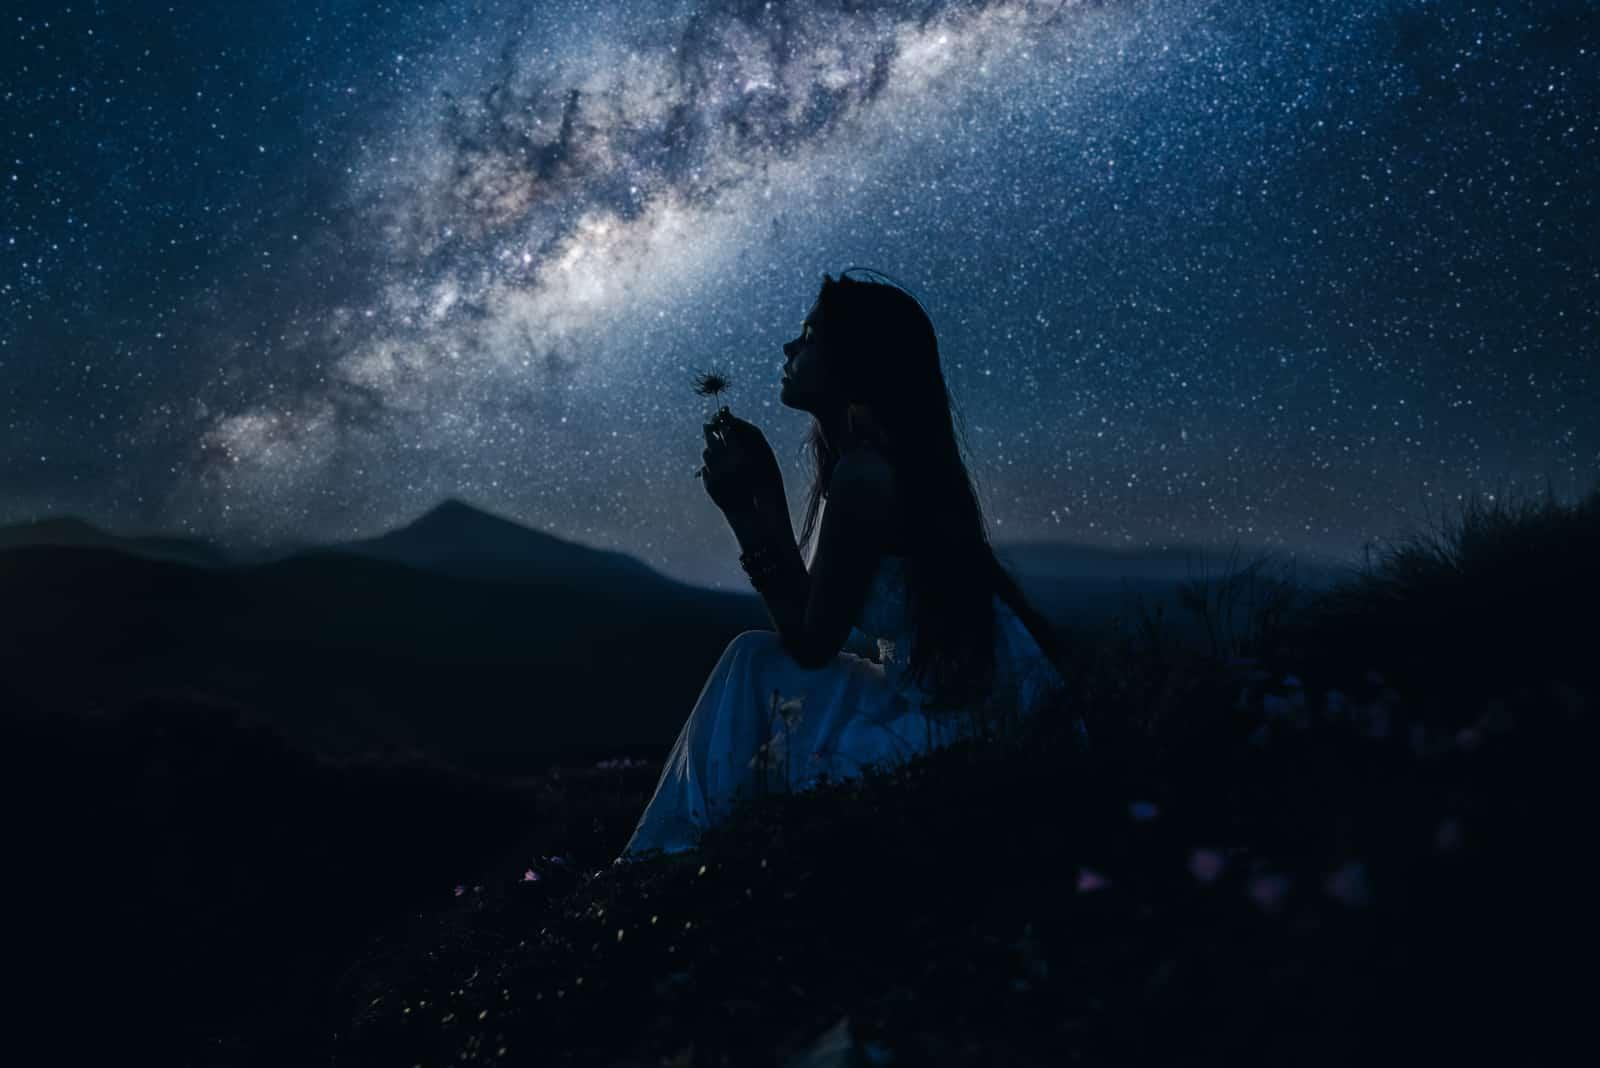 Frau, die schöne Milchstraße betrachtet